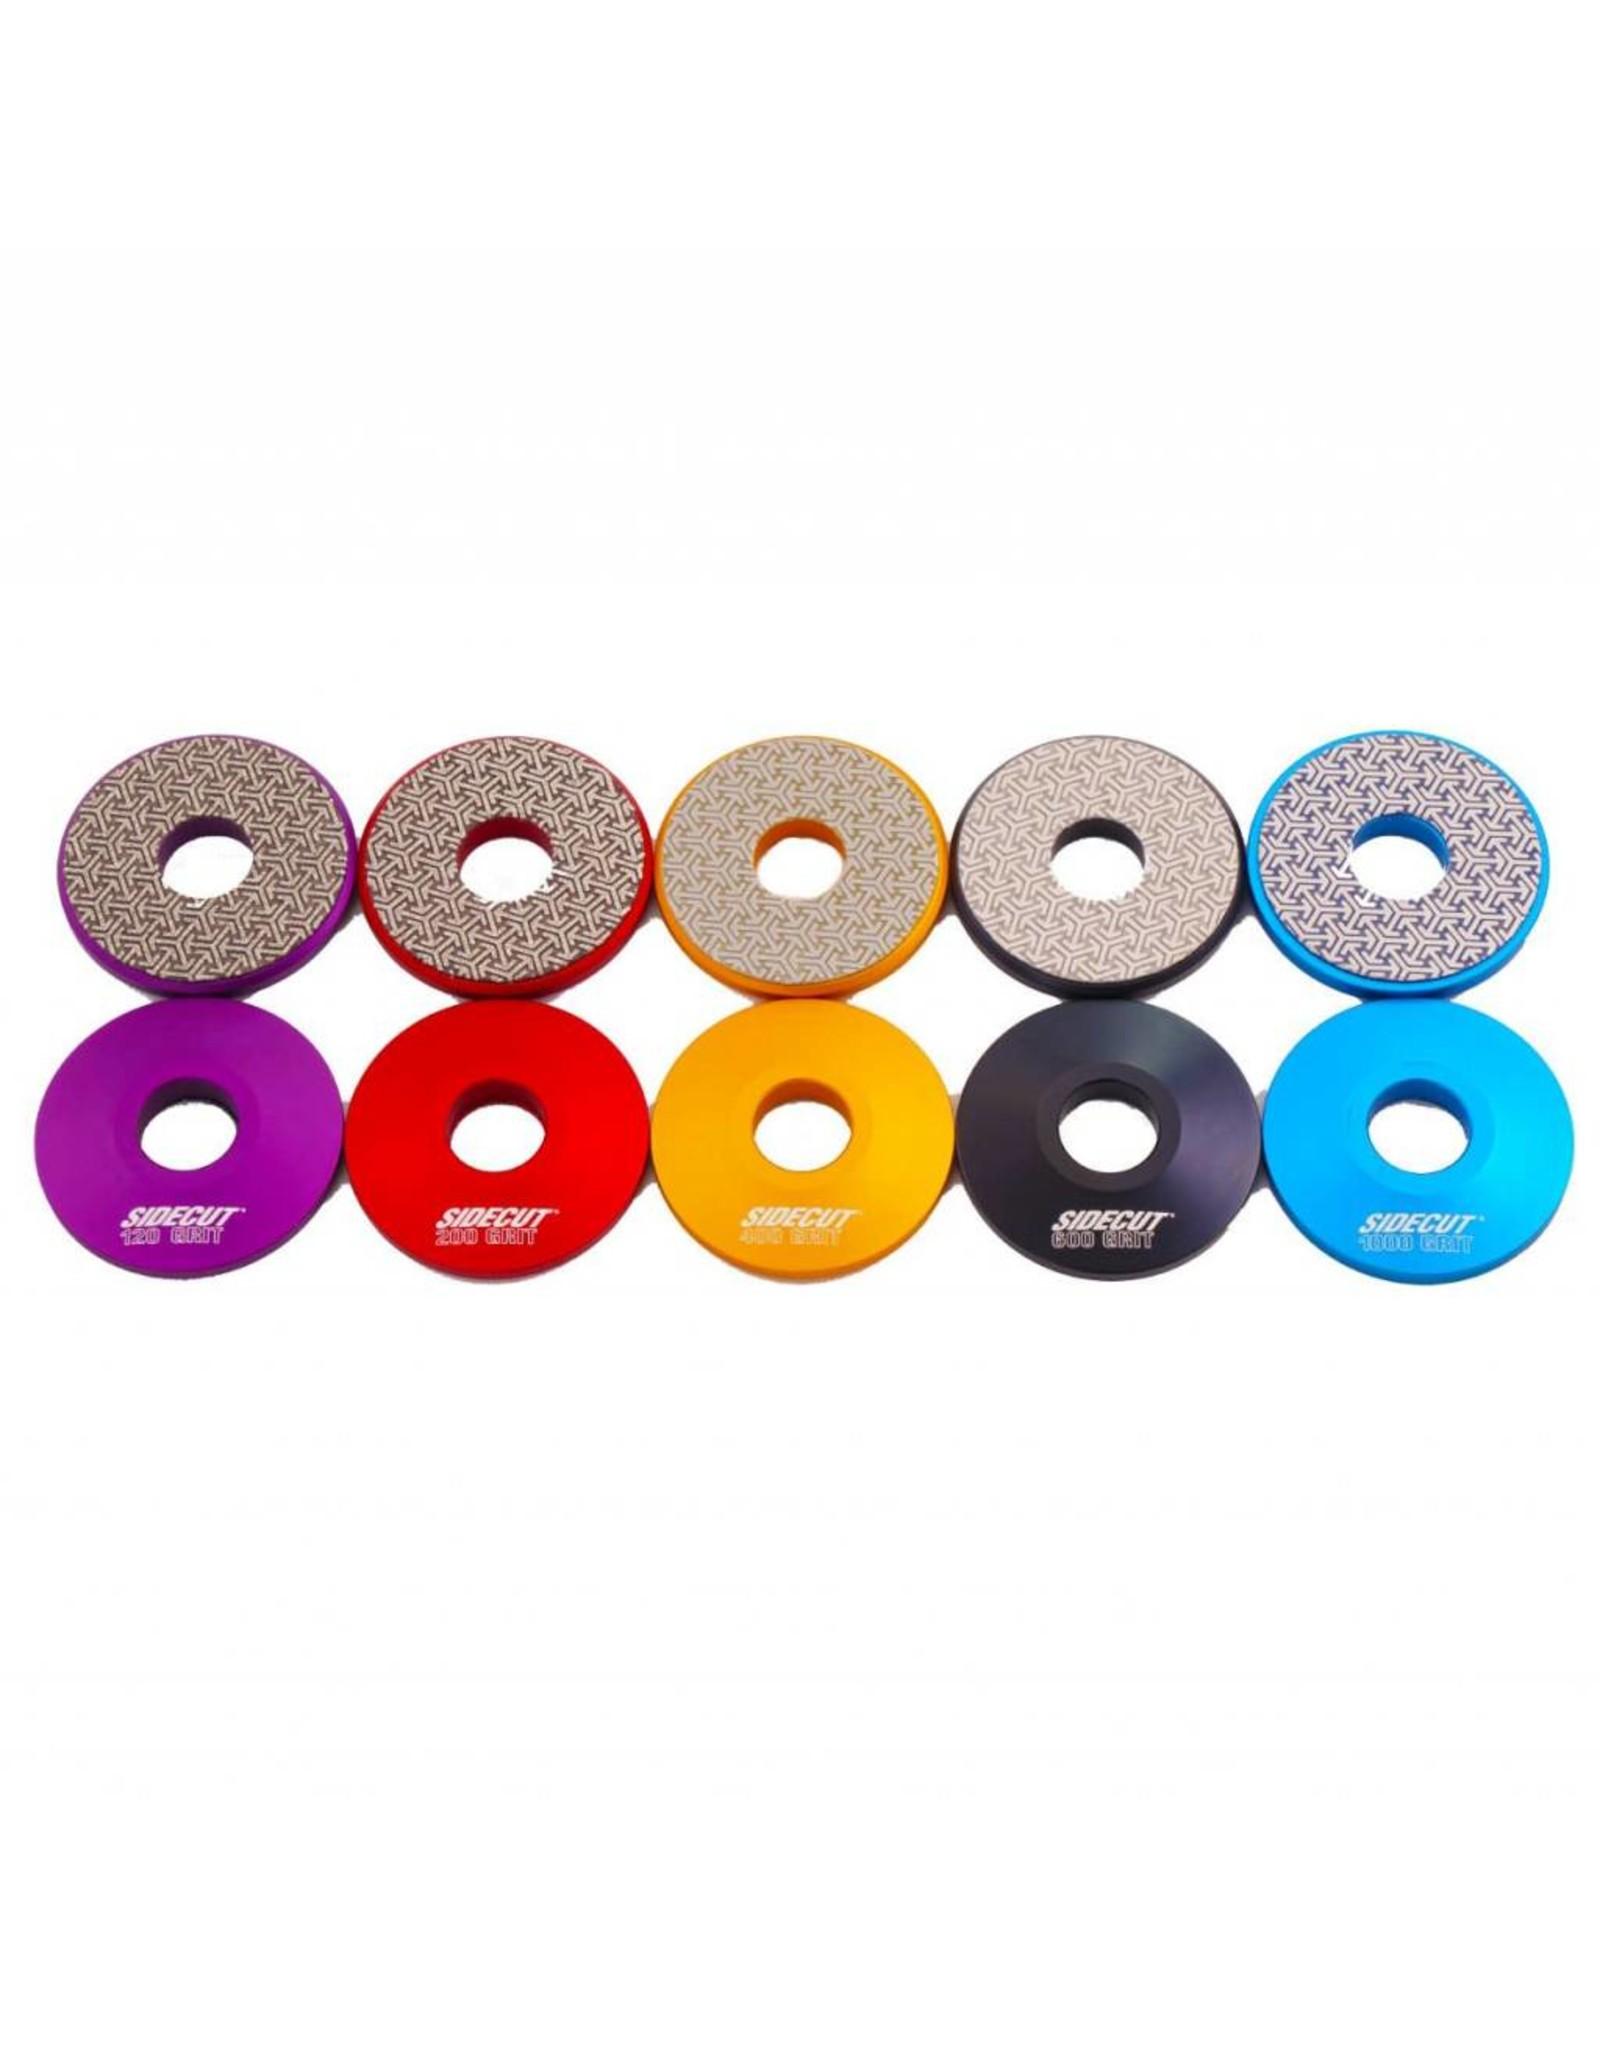 Sidecut SIDECUT Diamond Discks F17